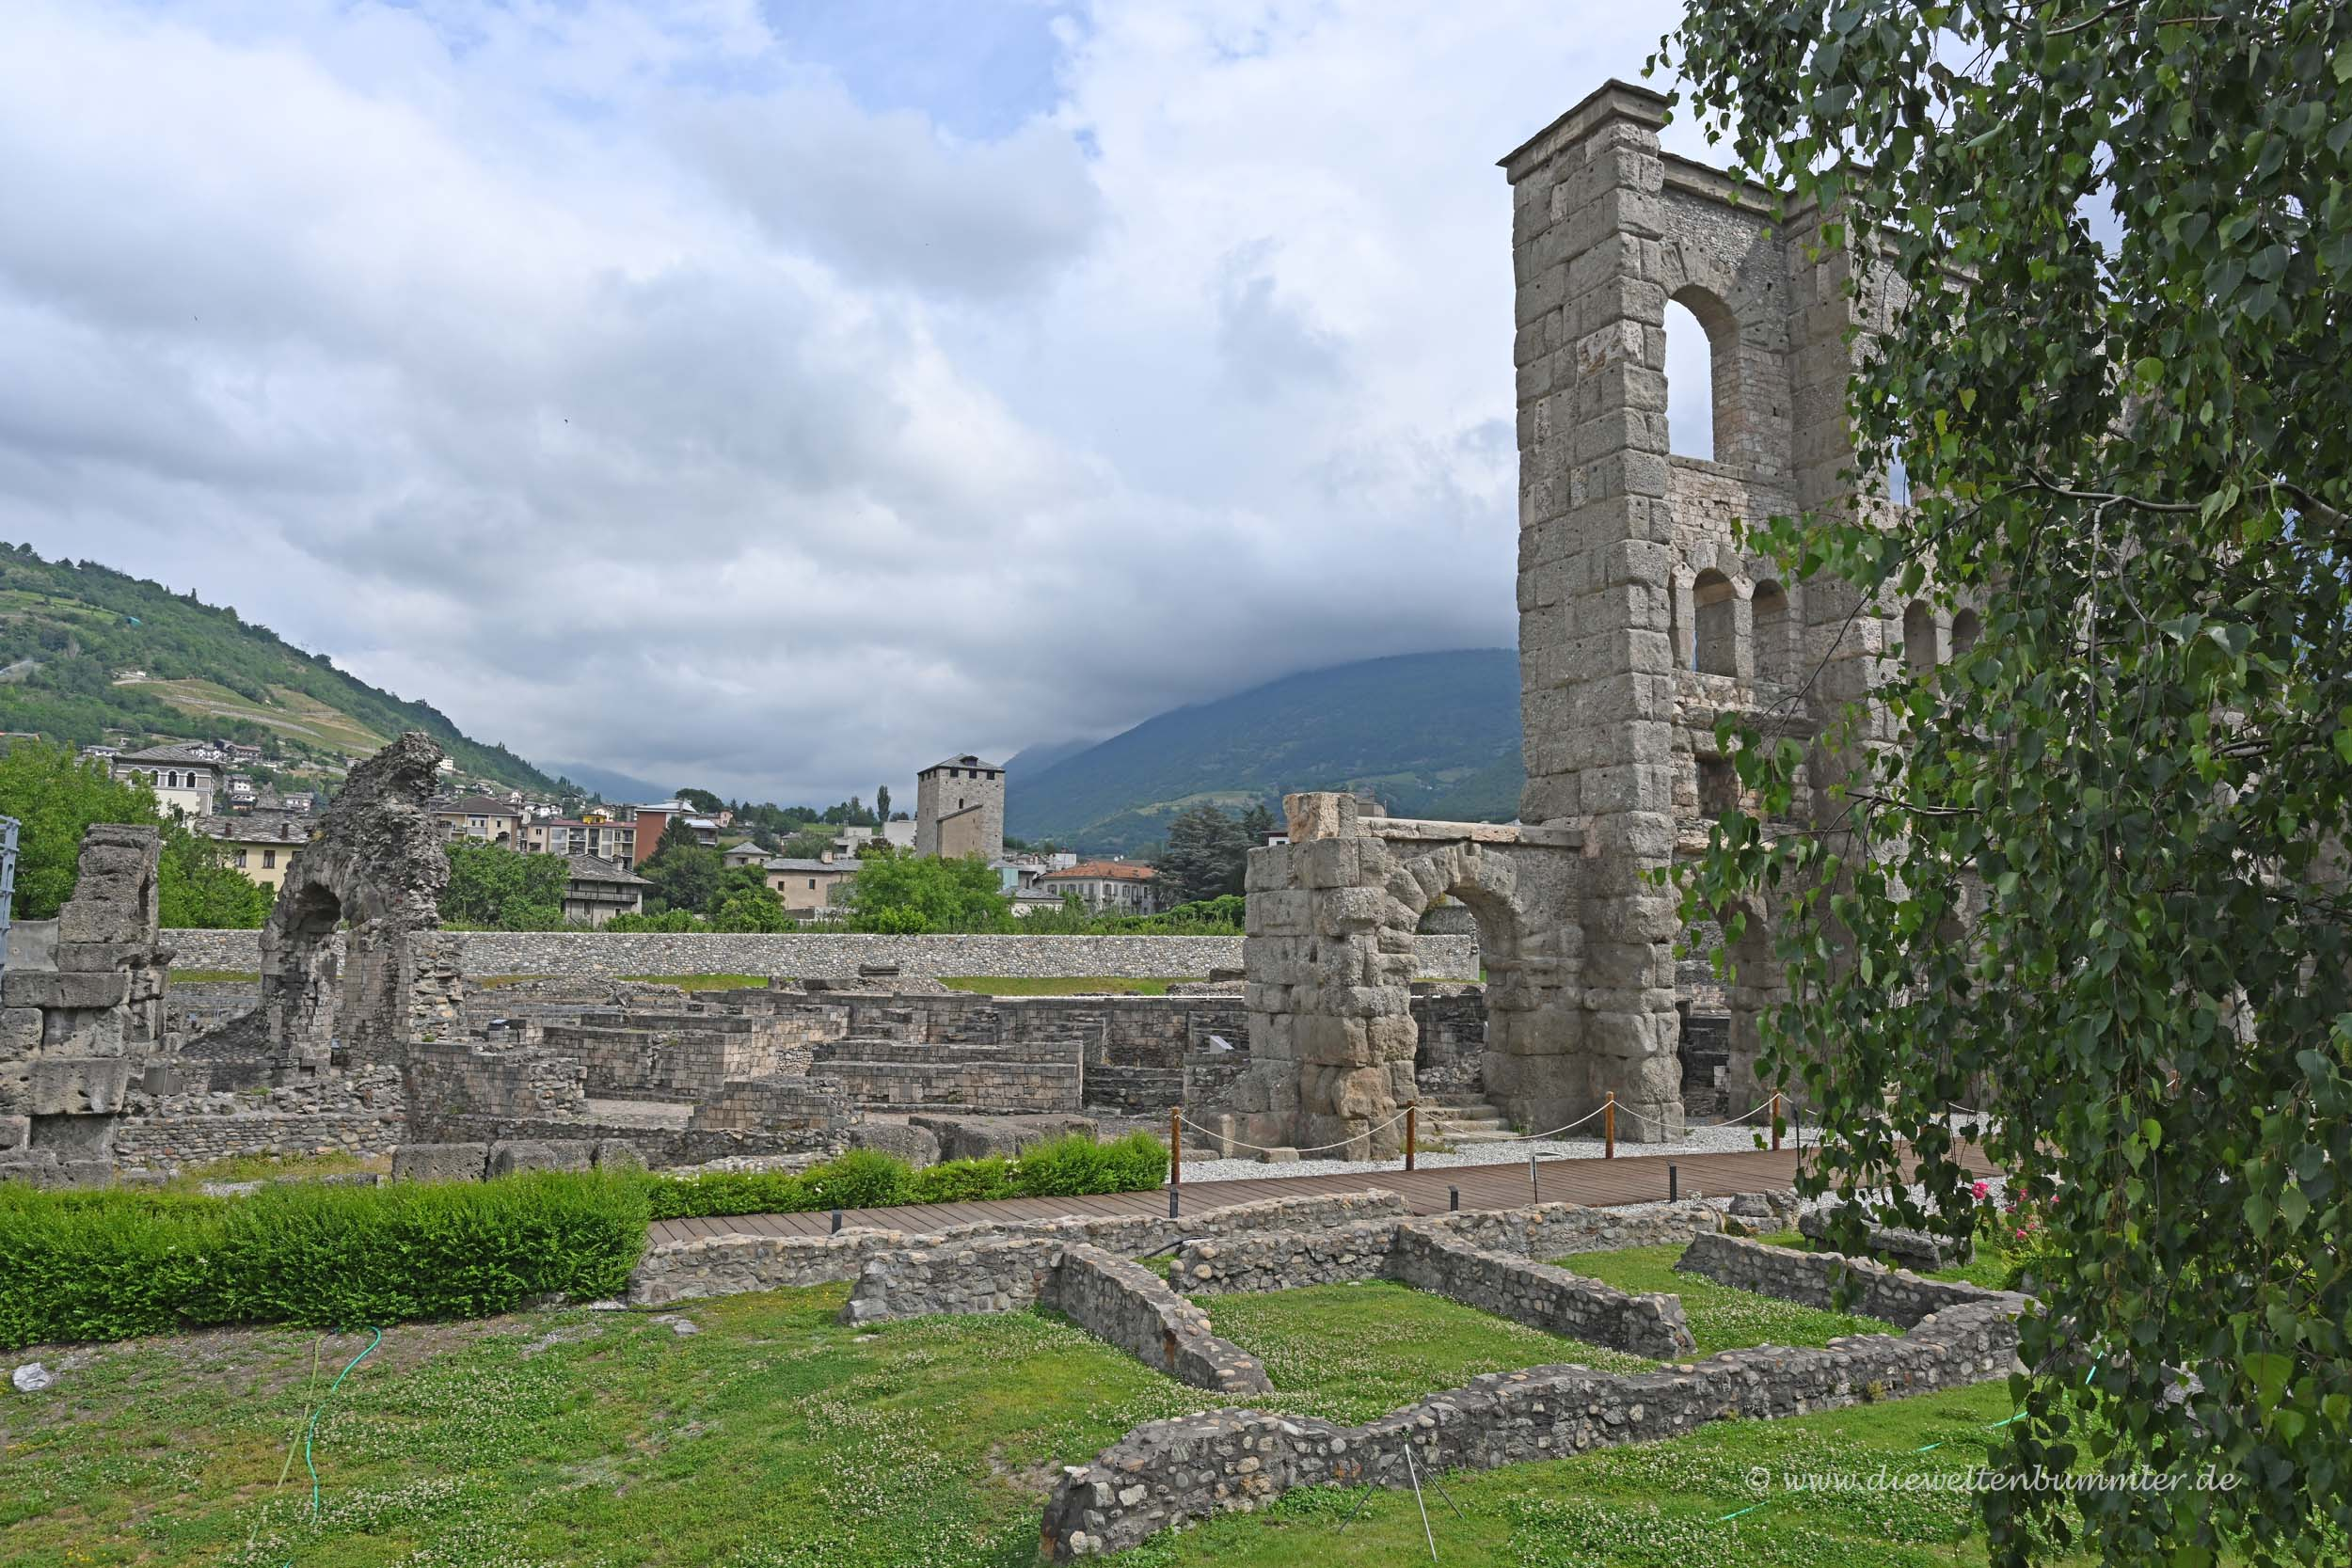 Teatro Romano in Aosta